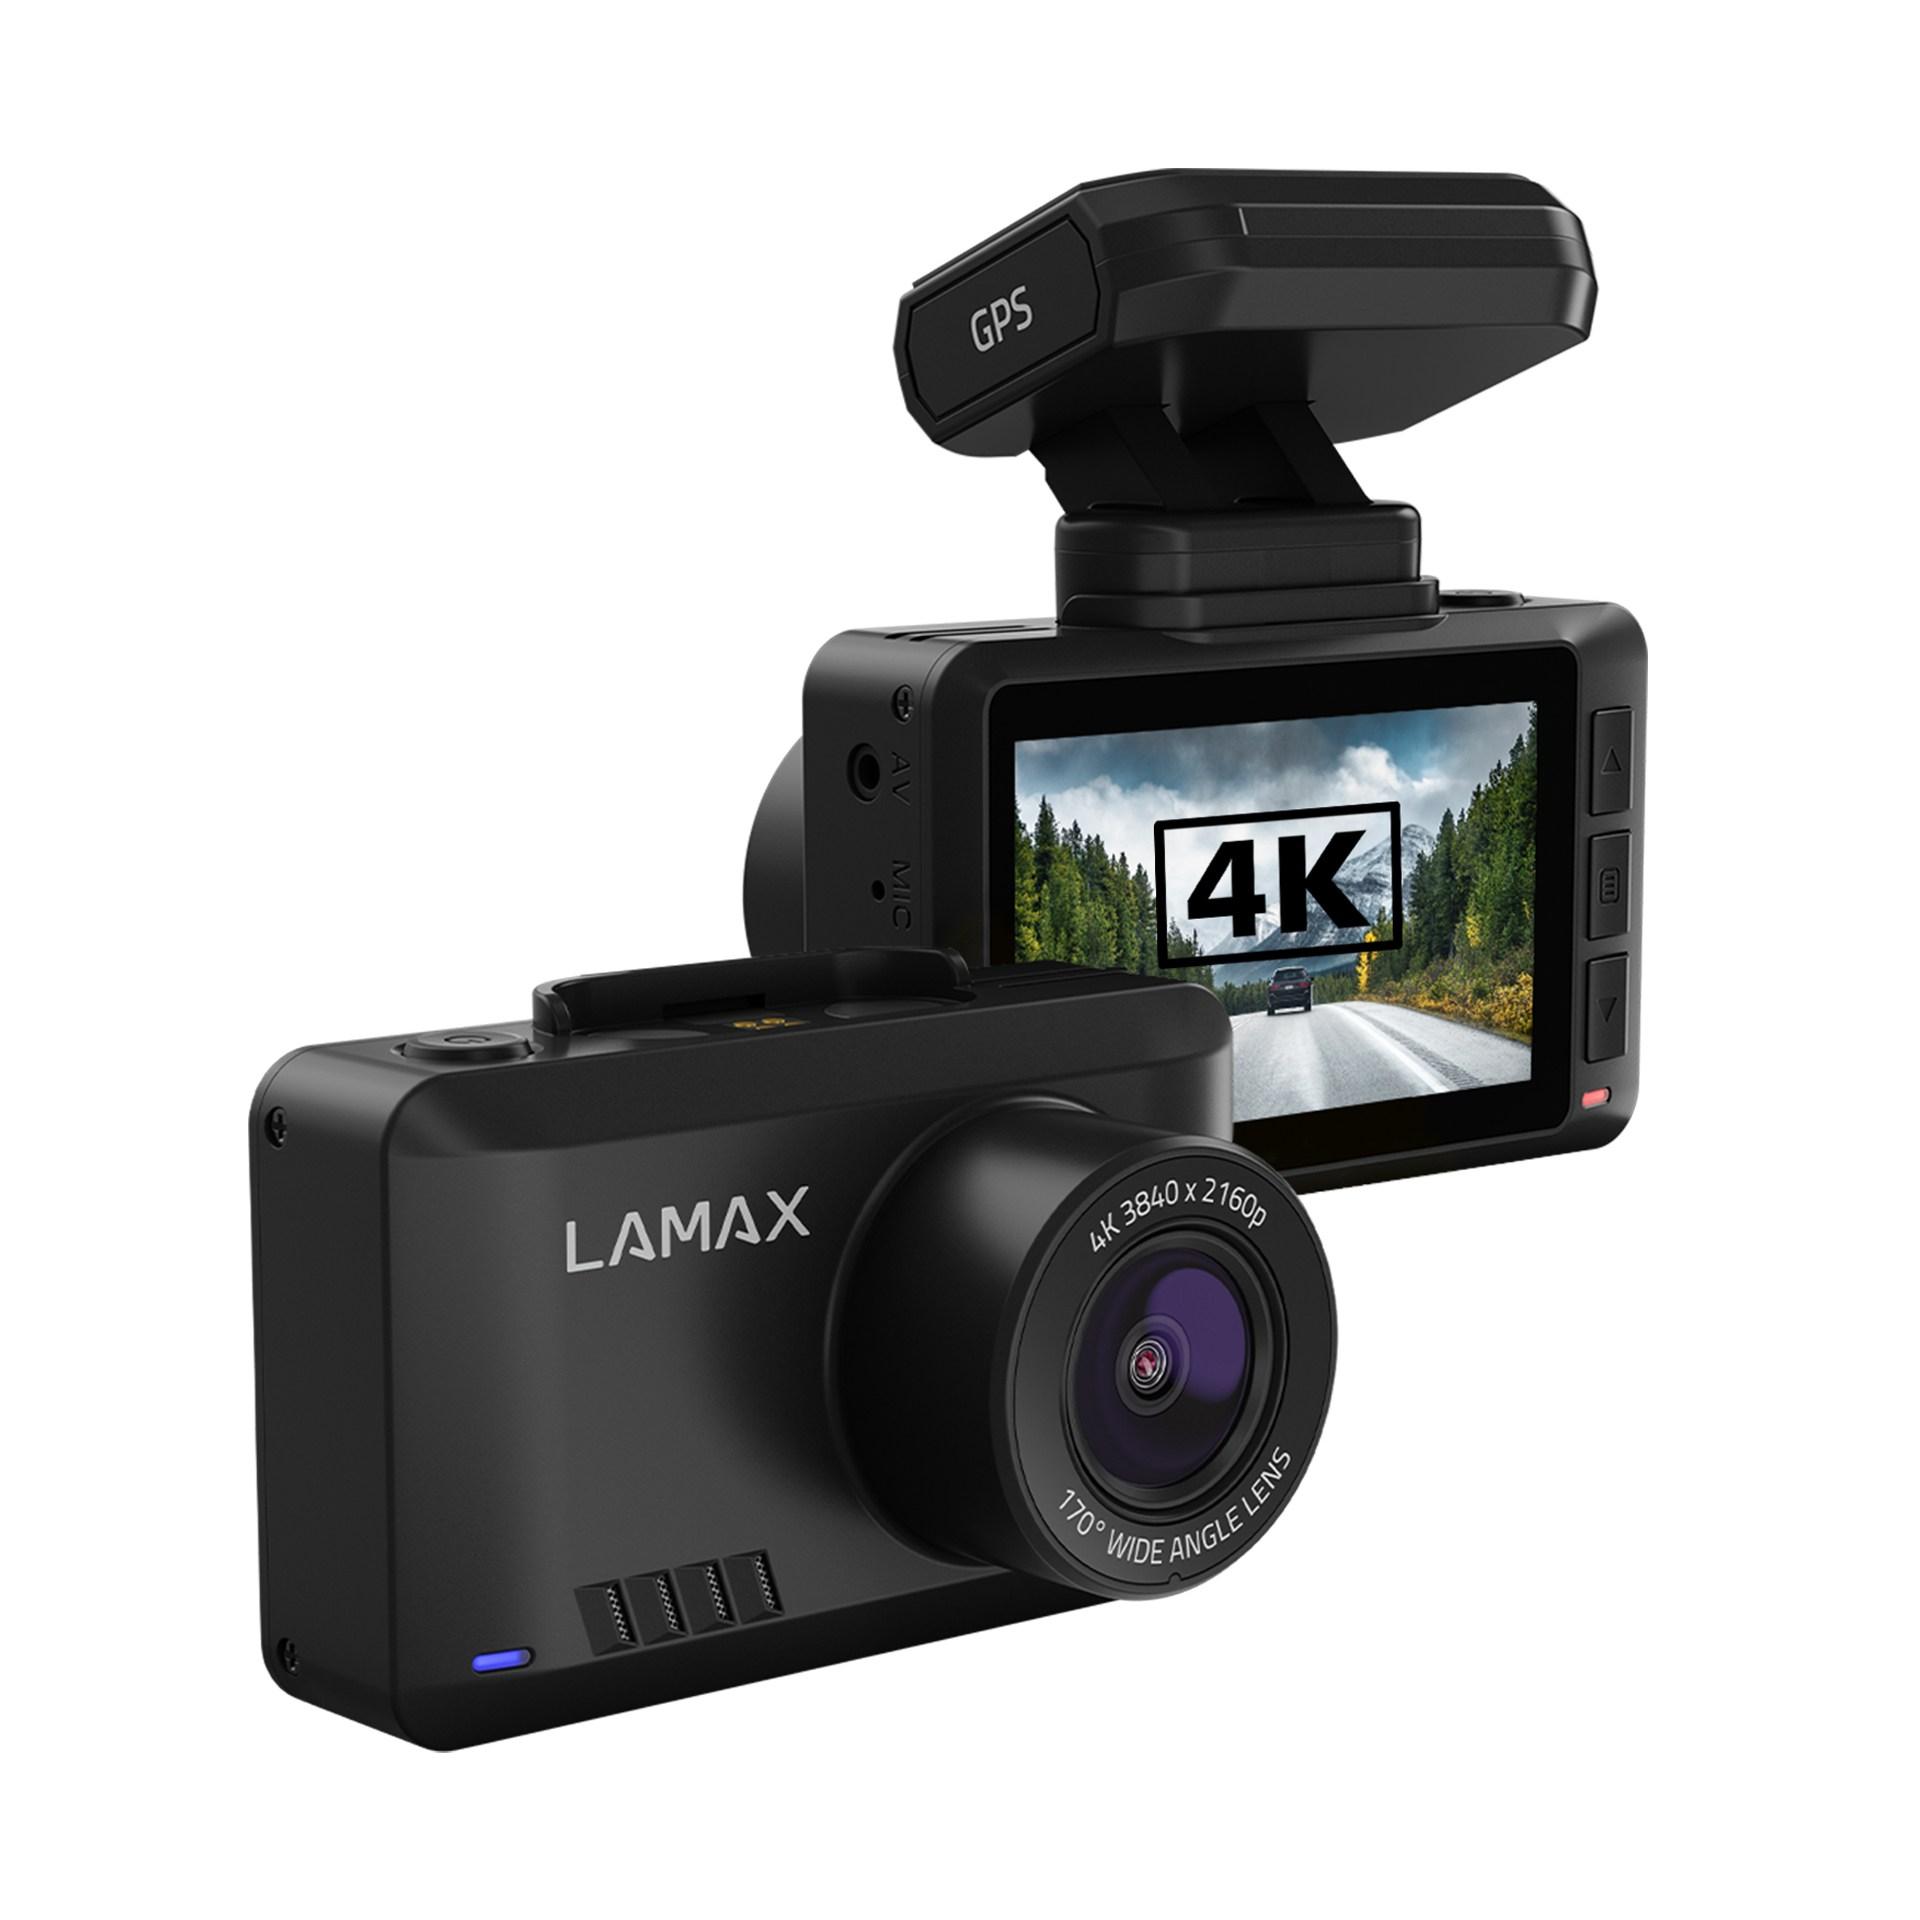 LAMAX T10 4K GPS (s hlášením radarů) - kamery do auta